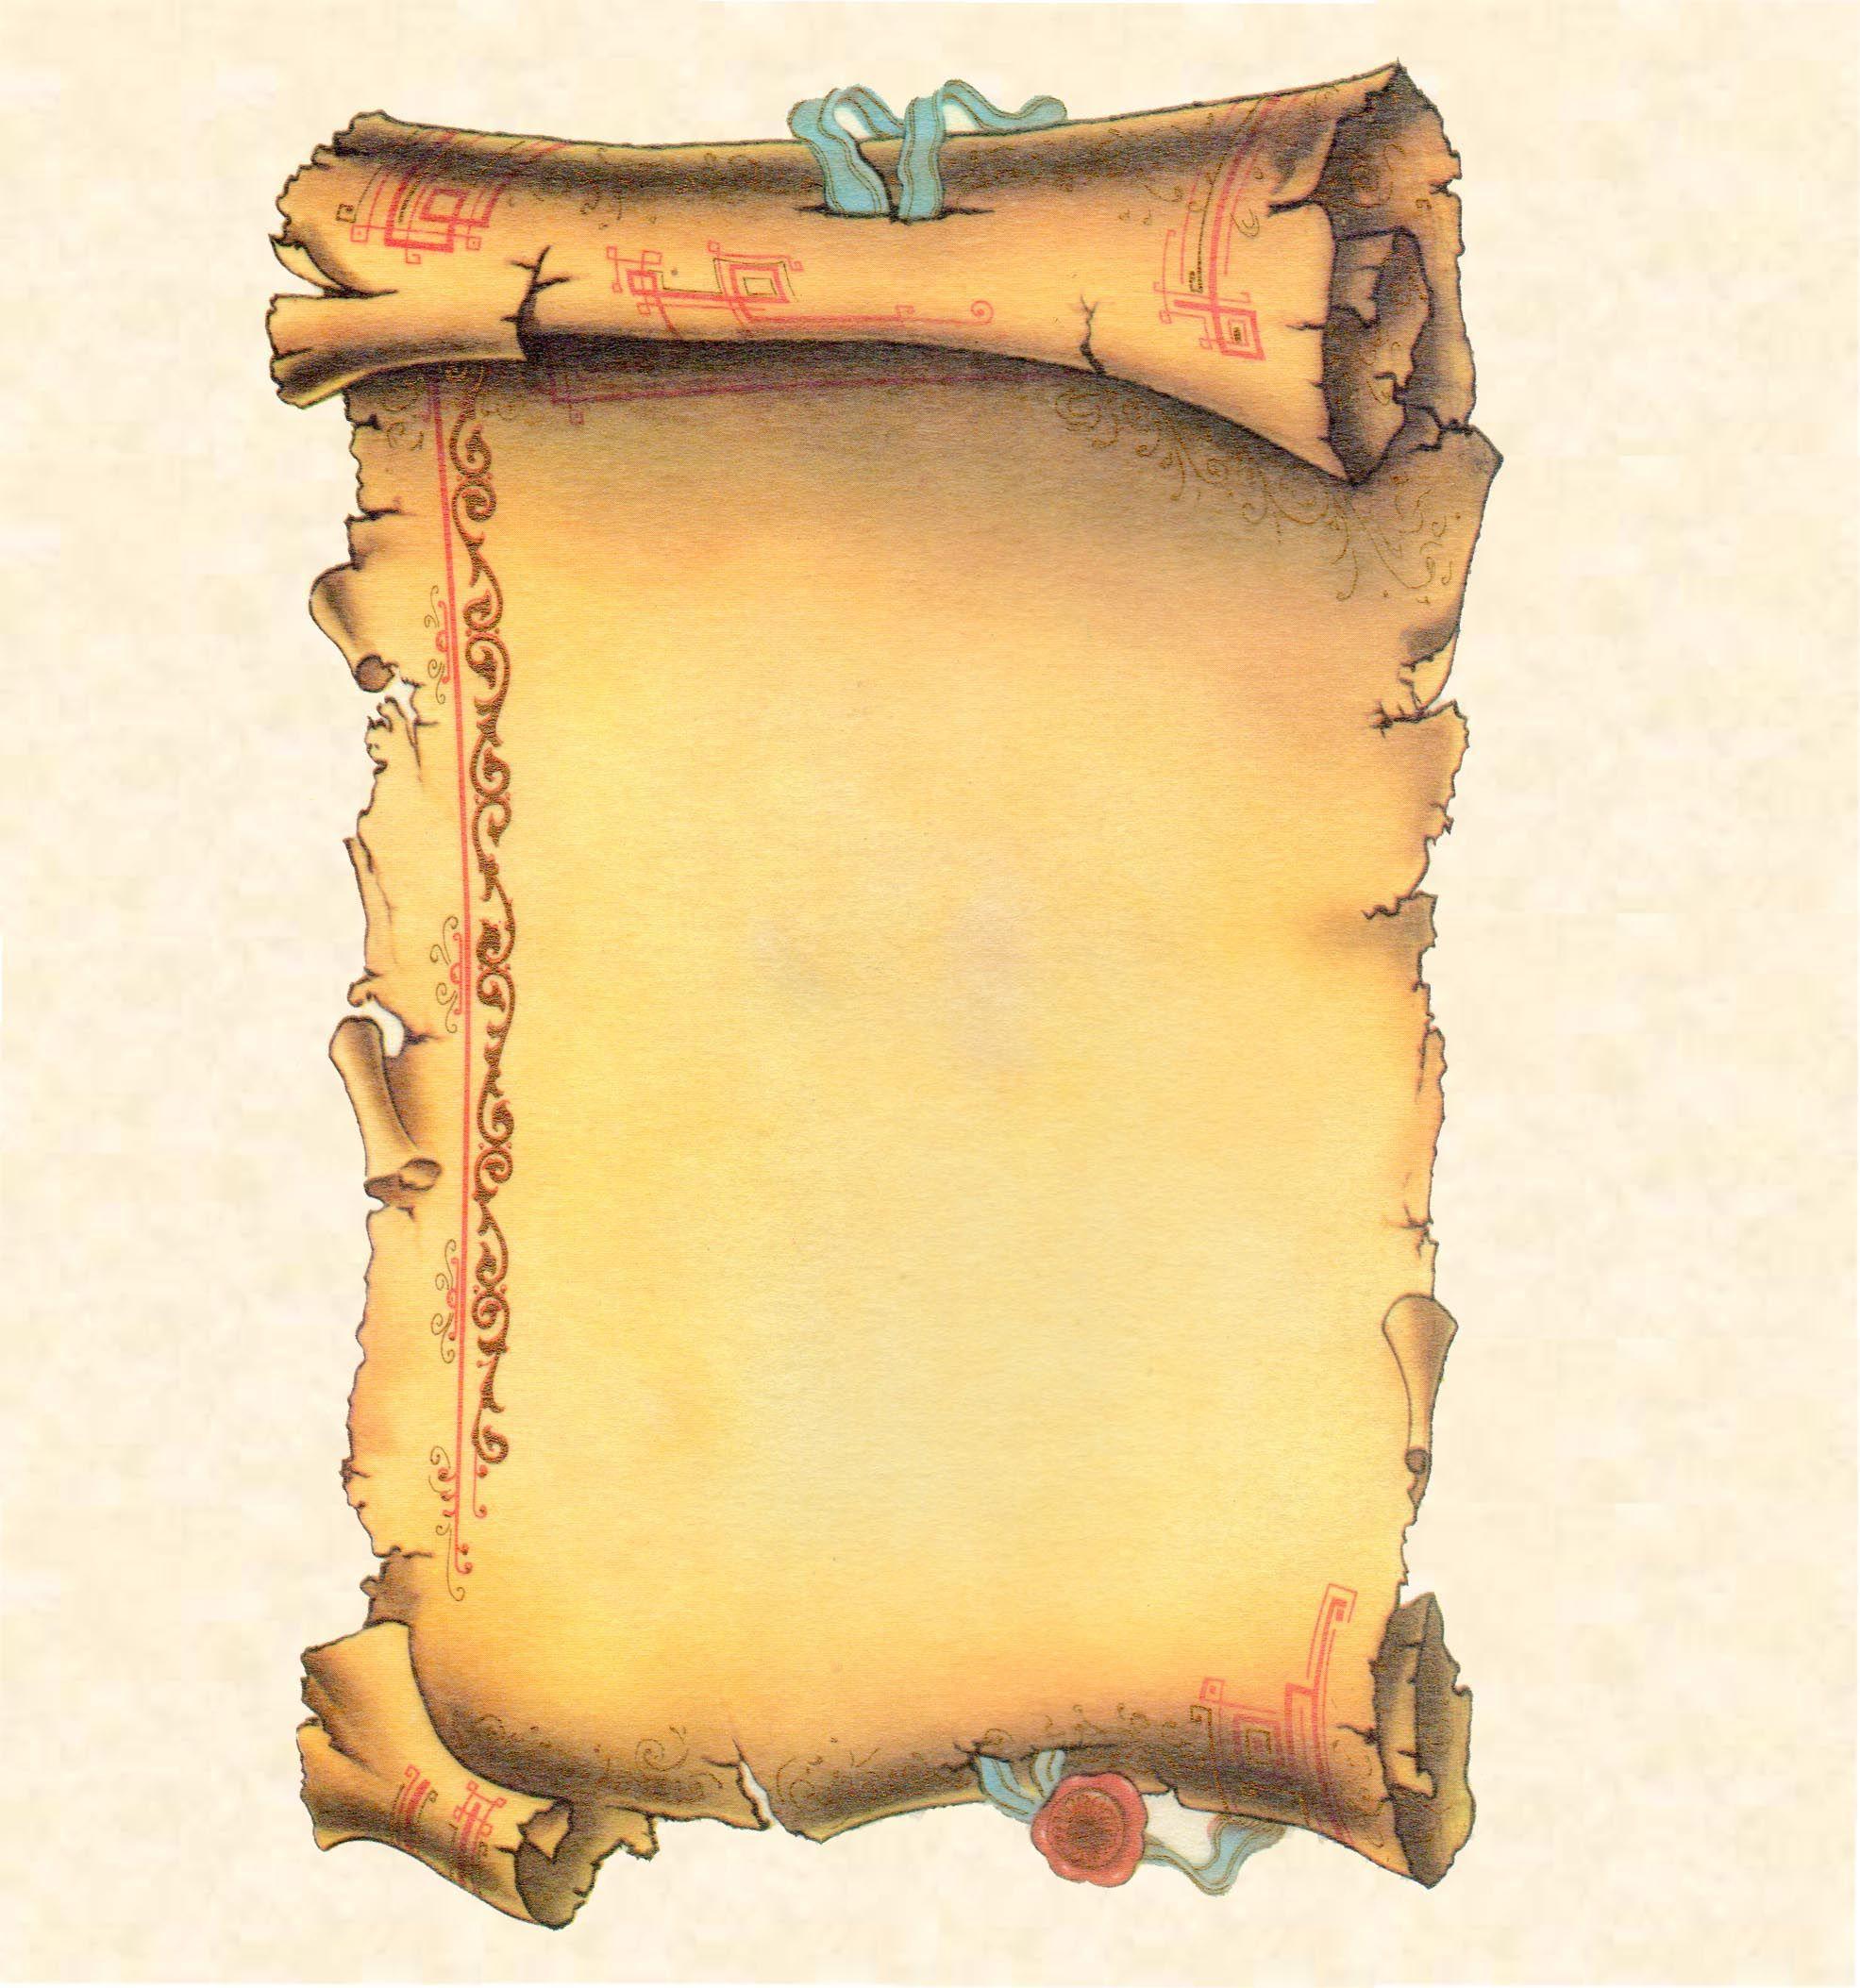 Risultati immagini per immagini di pergamene vuote